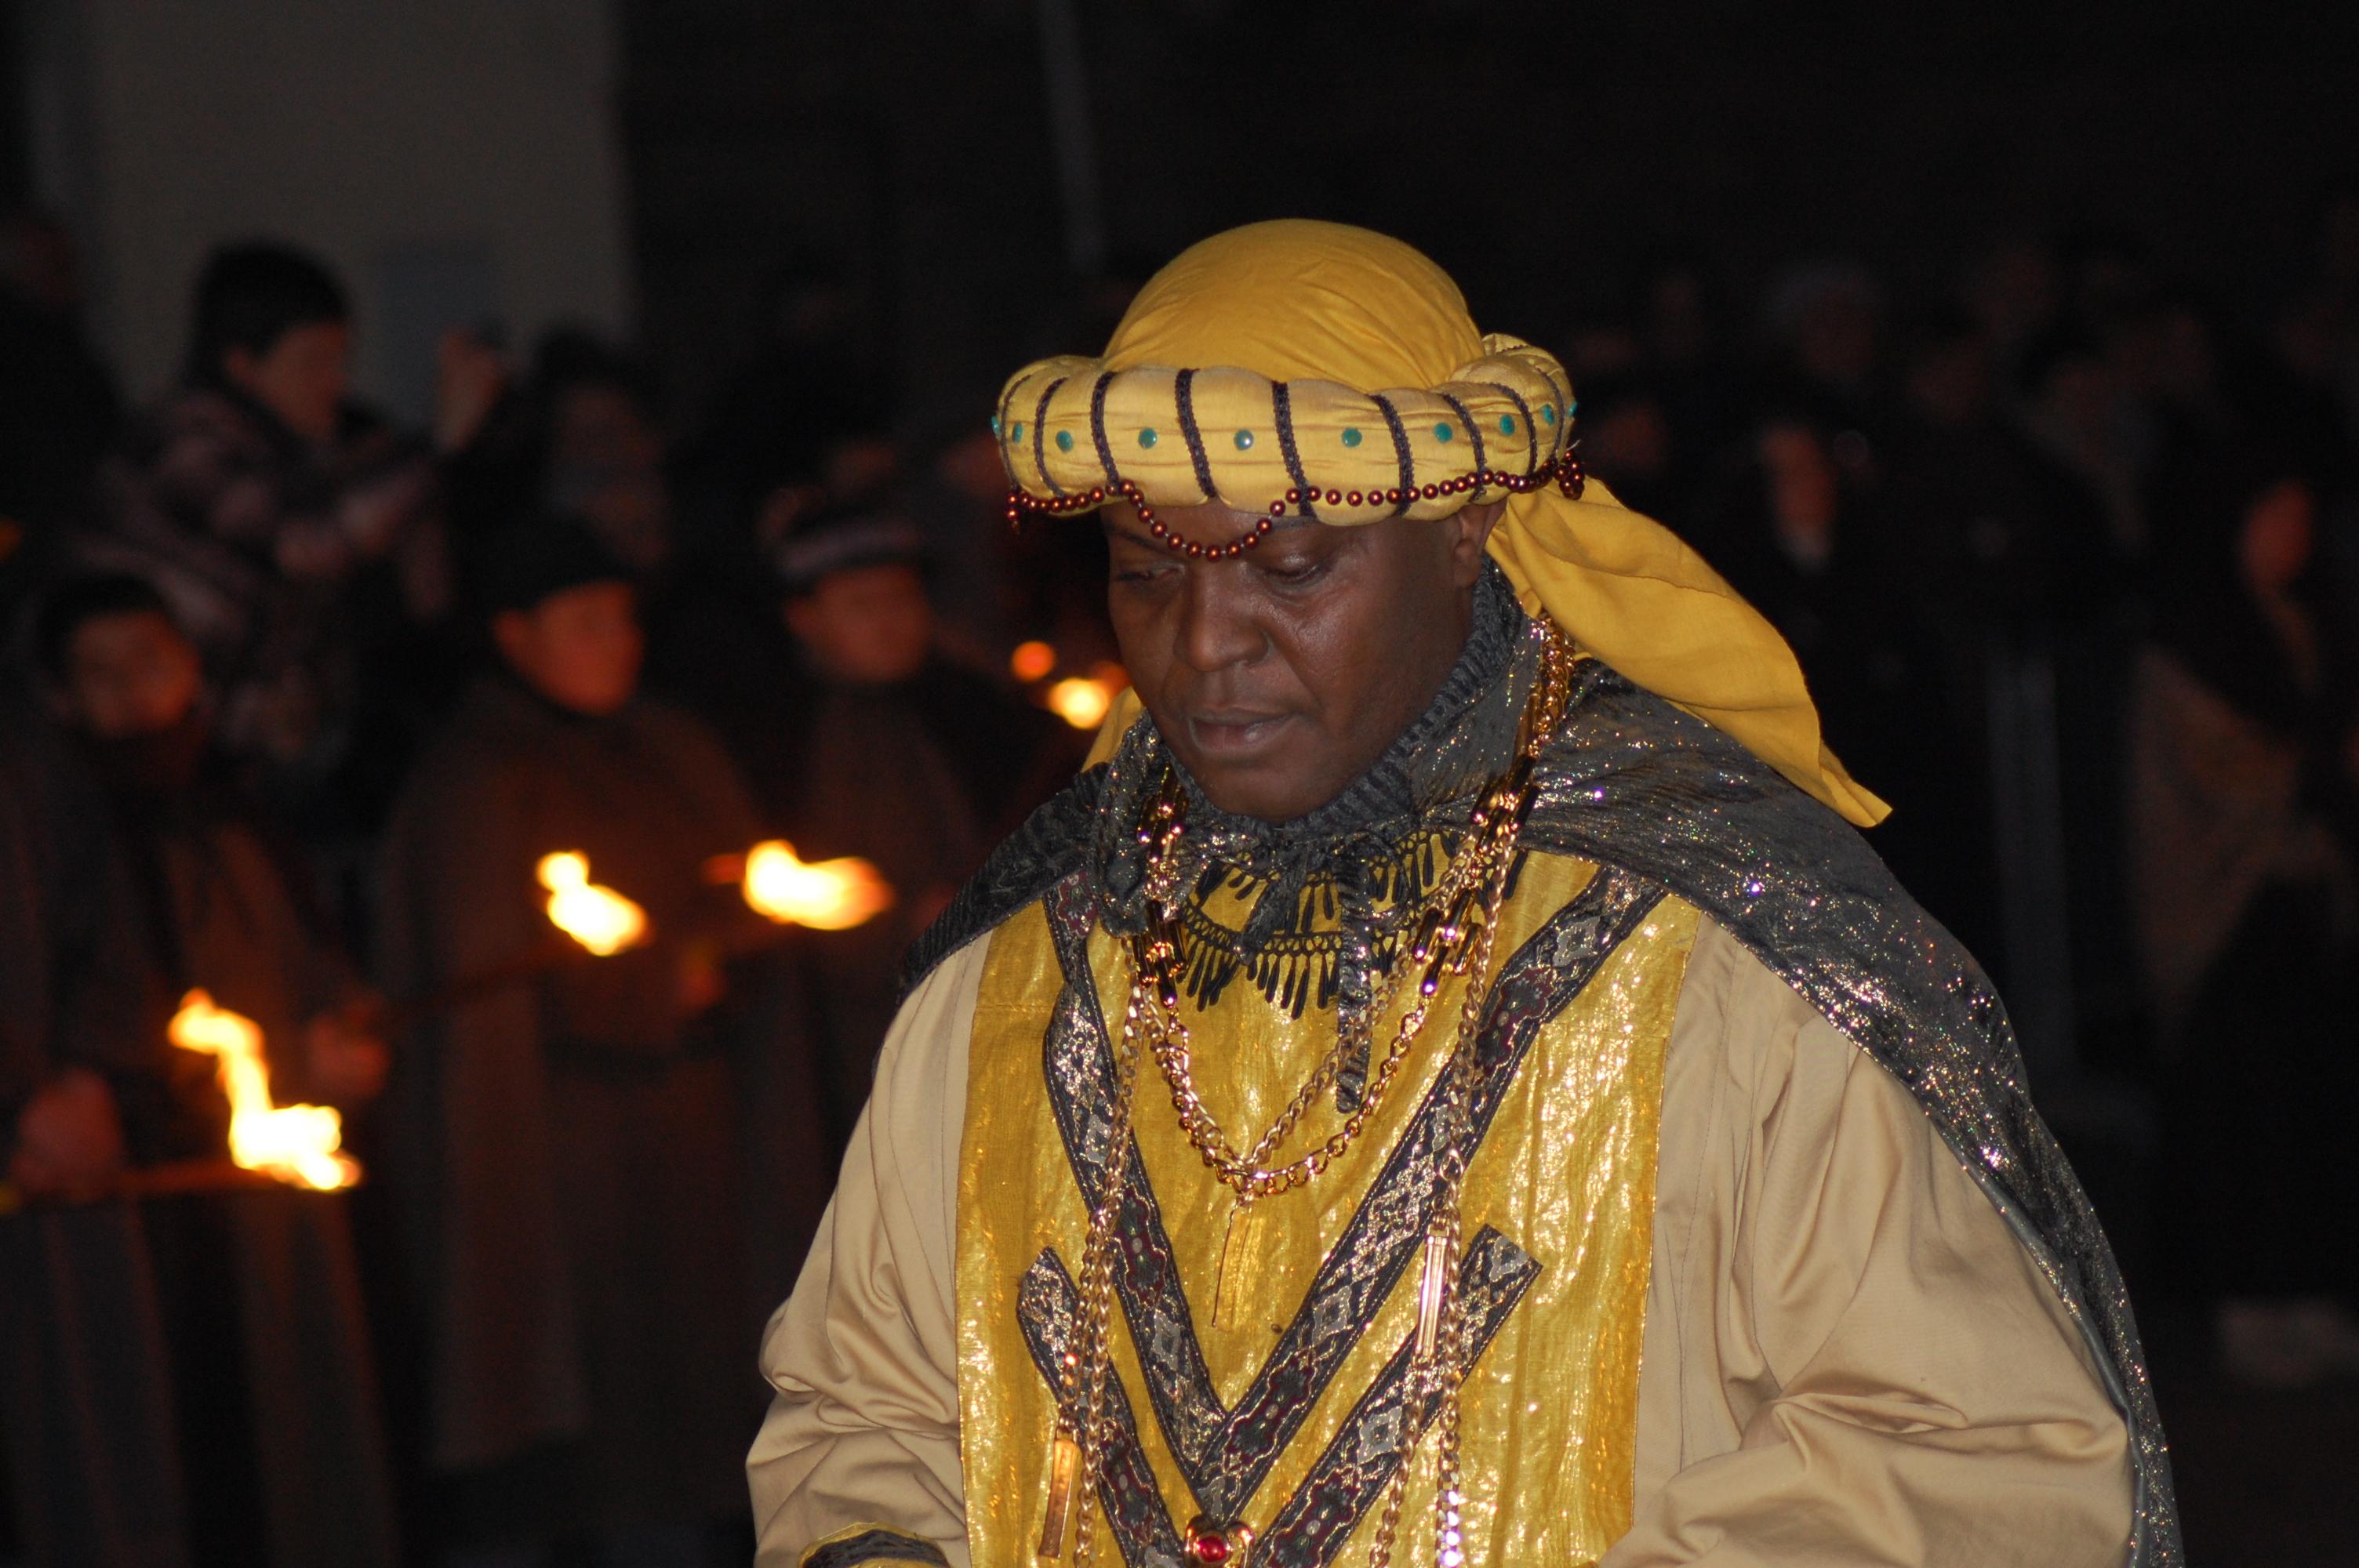 Oro, incenso e mirra. Mozzanica (BG), Gennaio 2012